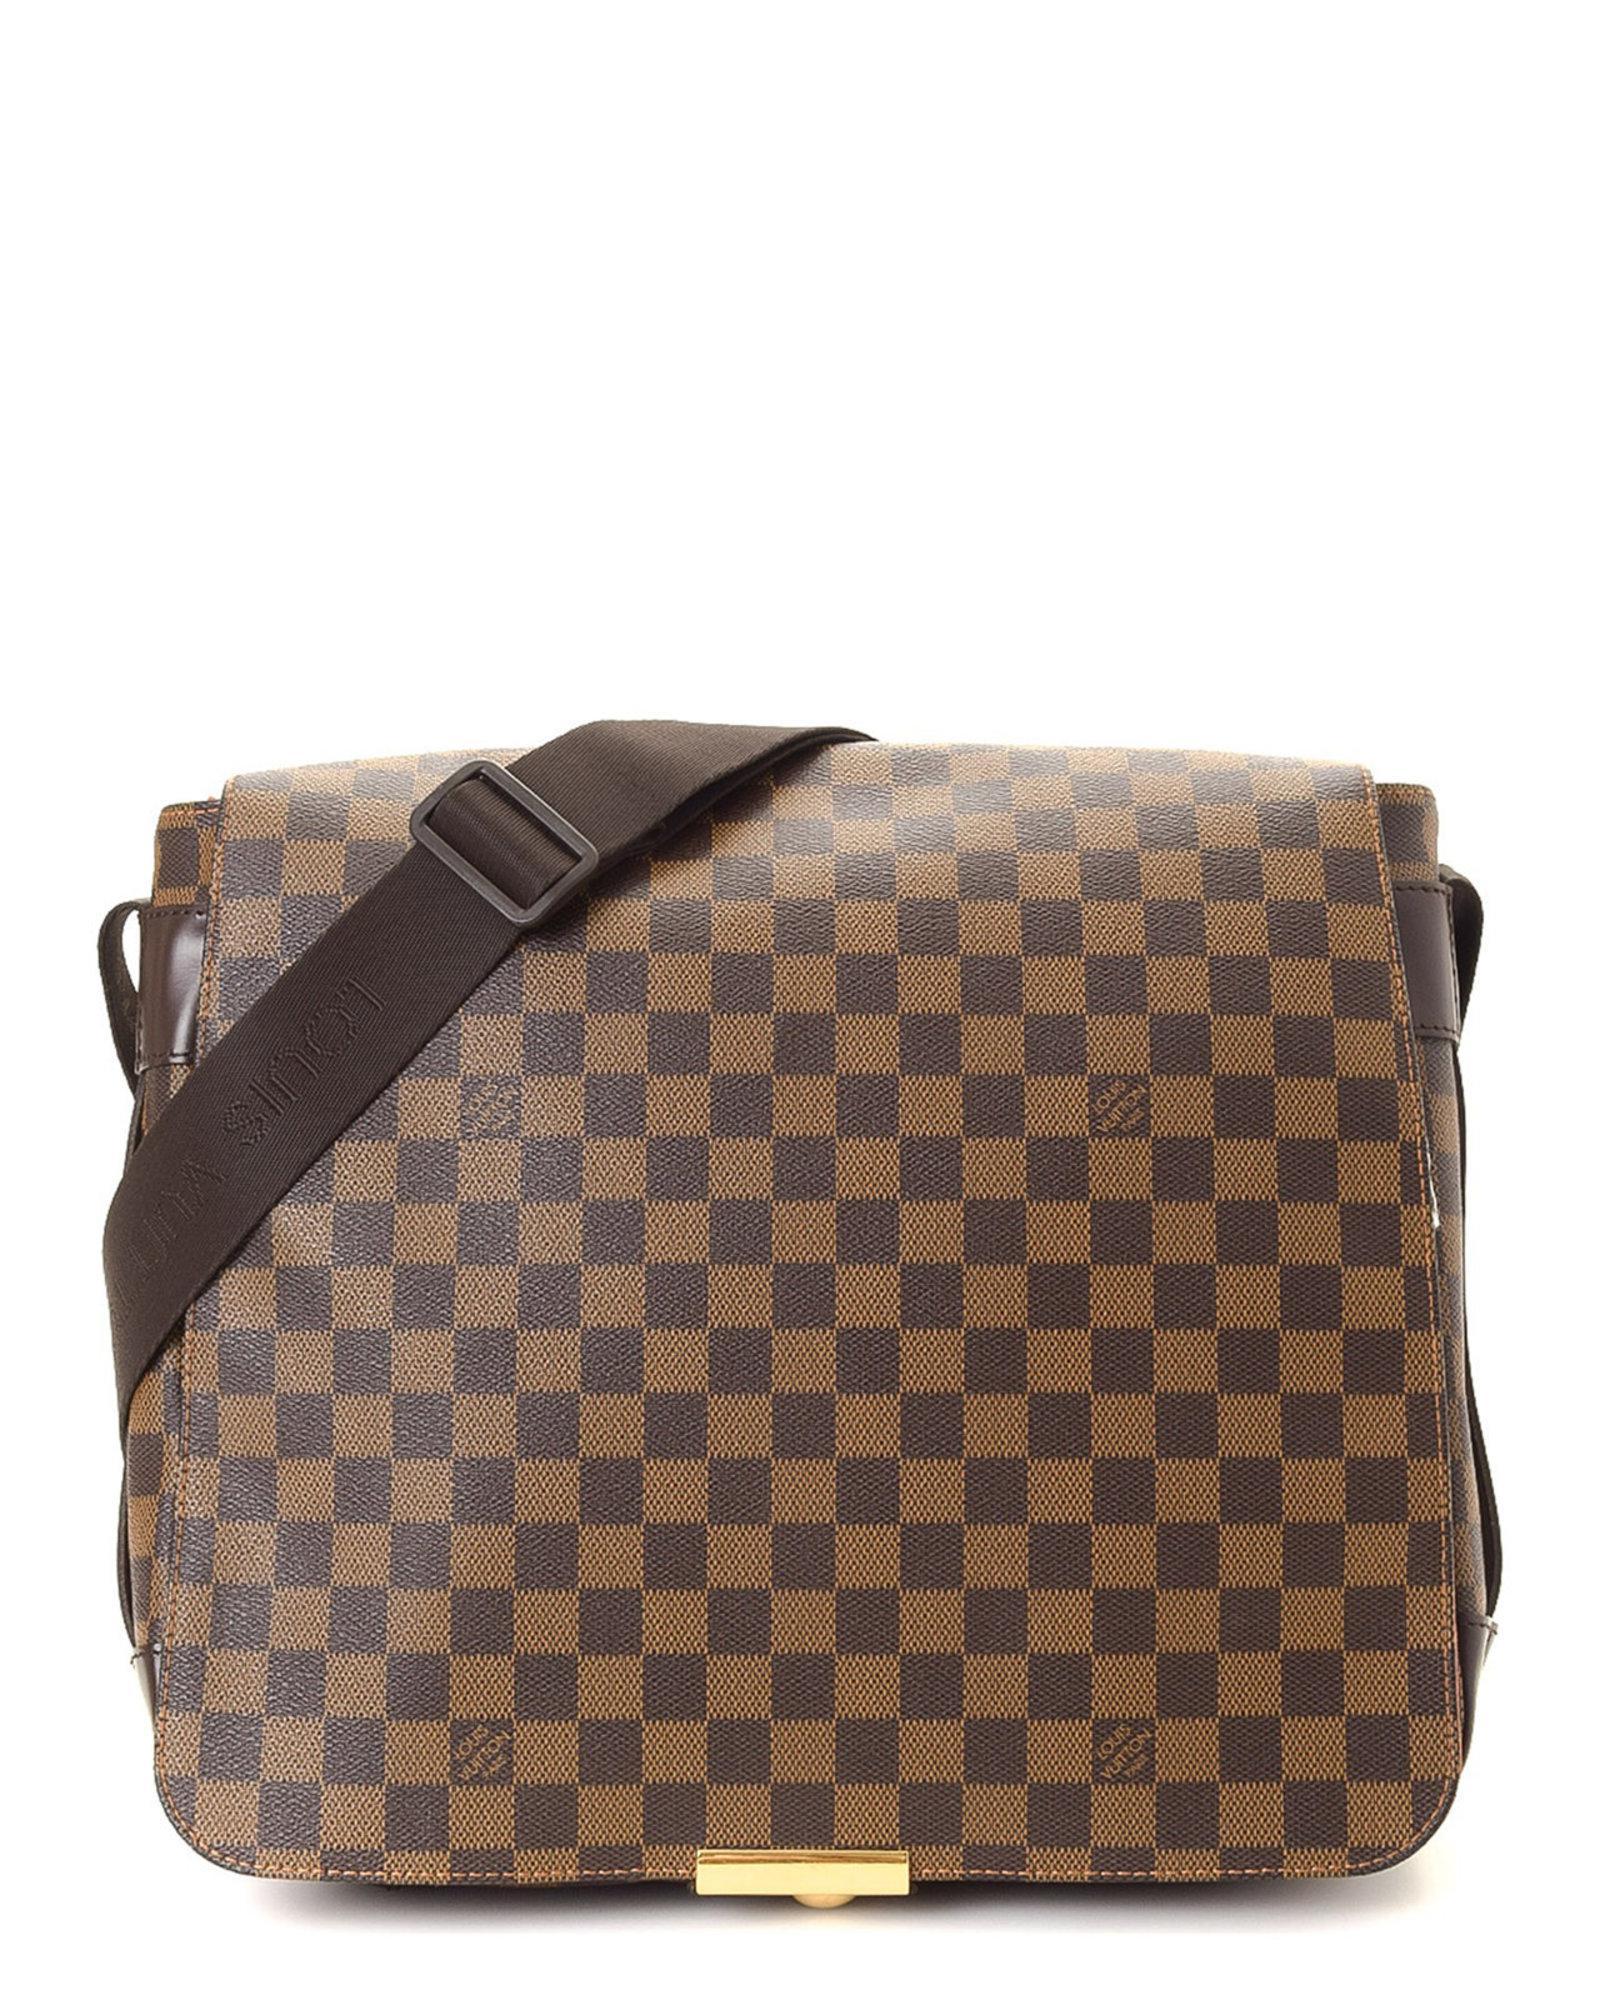 52585d6a9596 Lyst - Louis Vuitton Bastille Damier Ebene Messenger Bag - Vintage ...